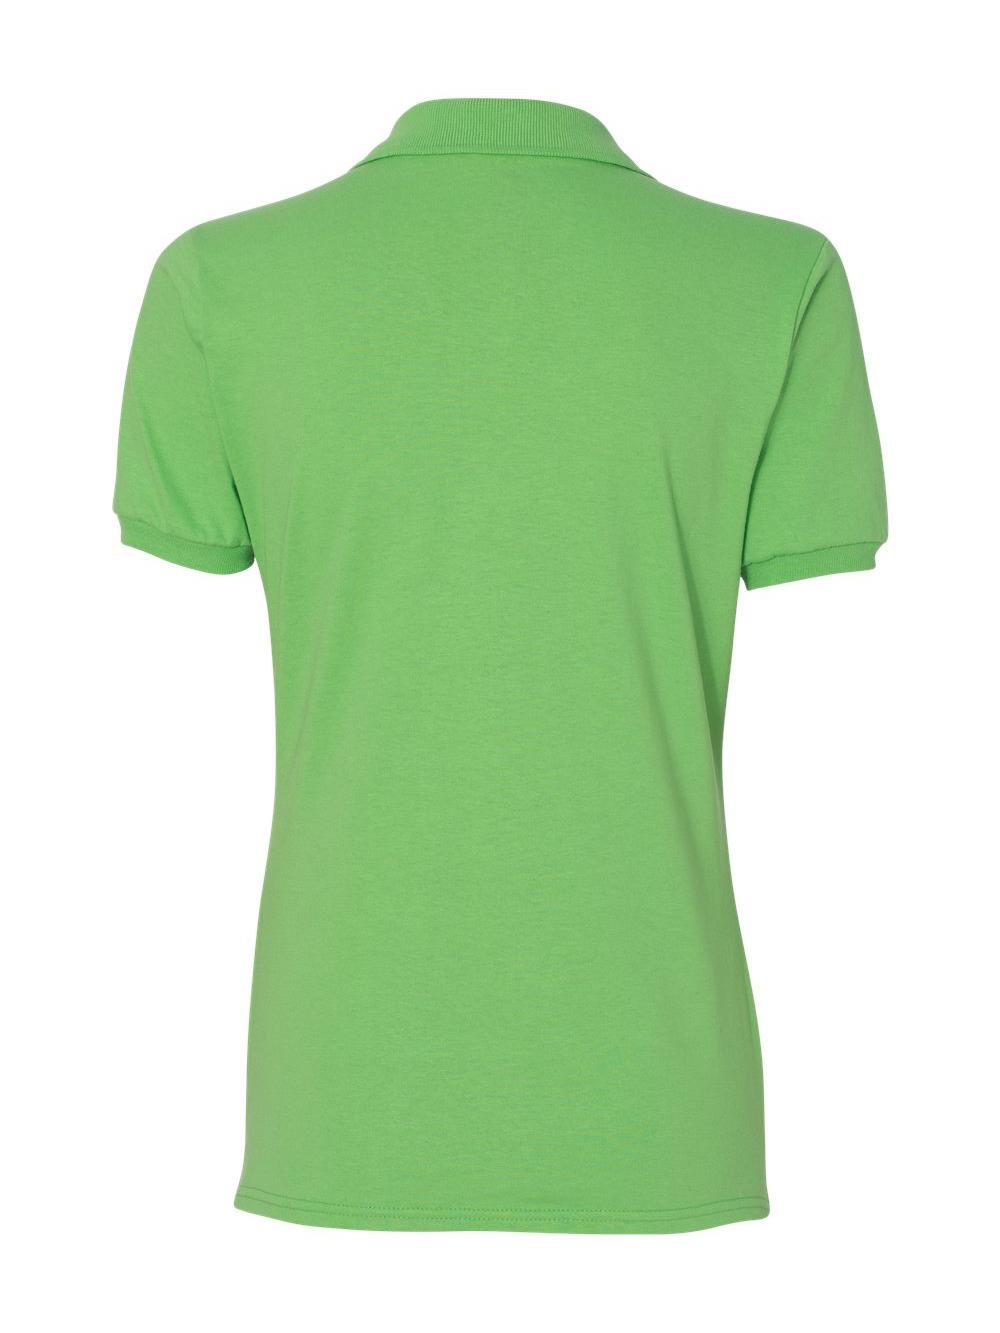 Jerzees-Women-039-s-Spotshield-50-50-Sport-Shirt-437WR thumbnail 19